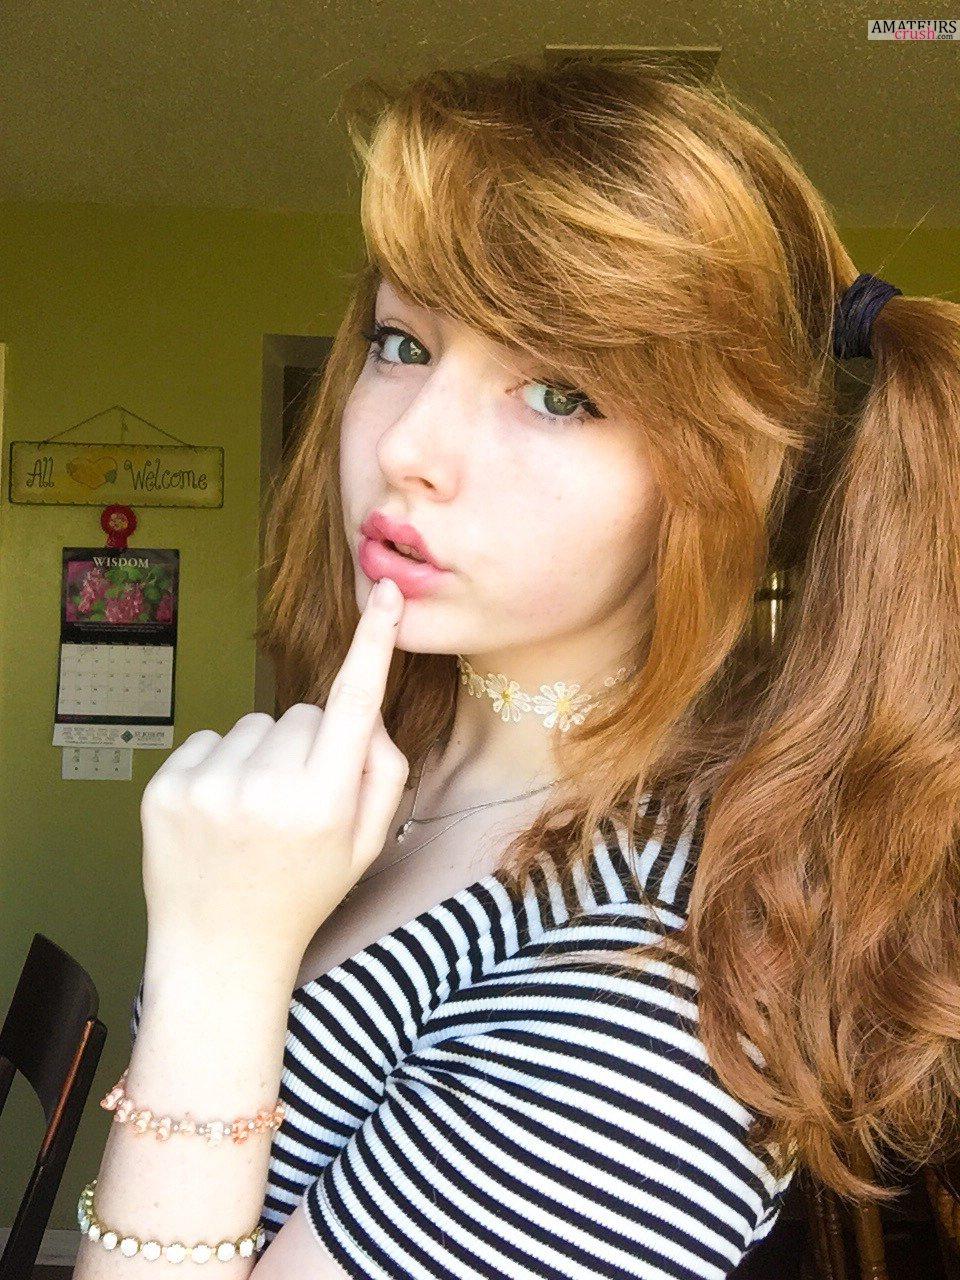 nude redheads tumblr